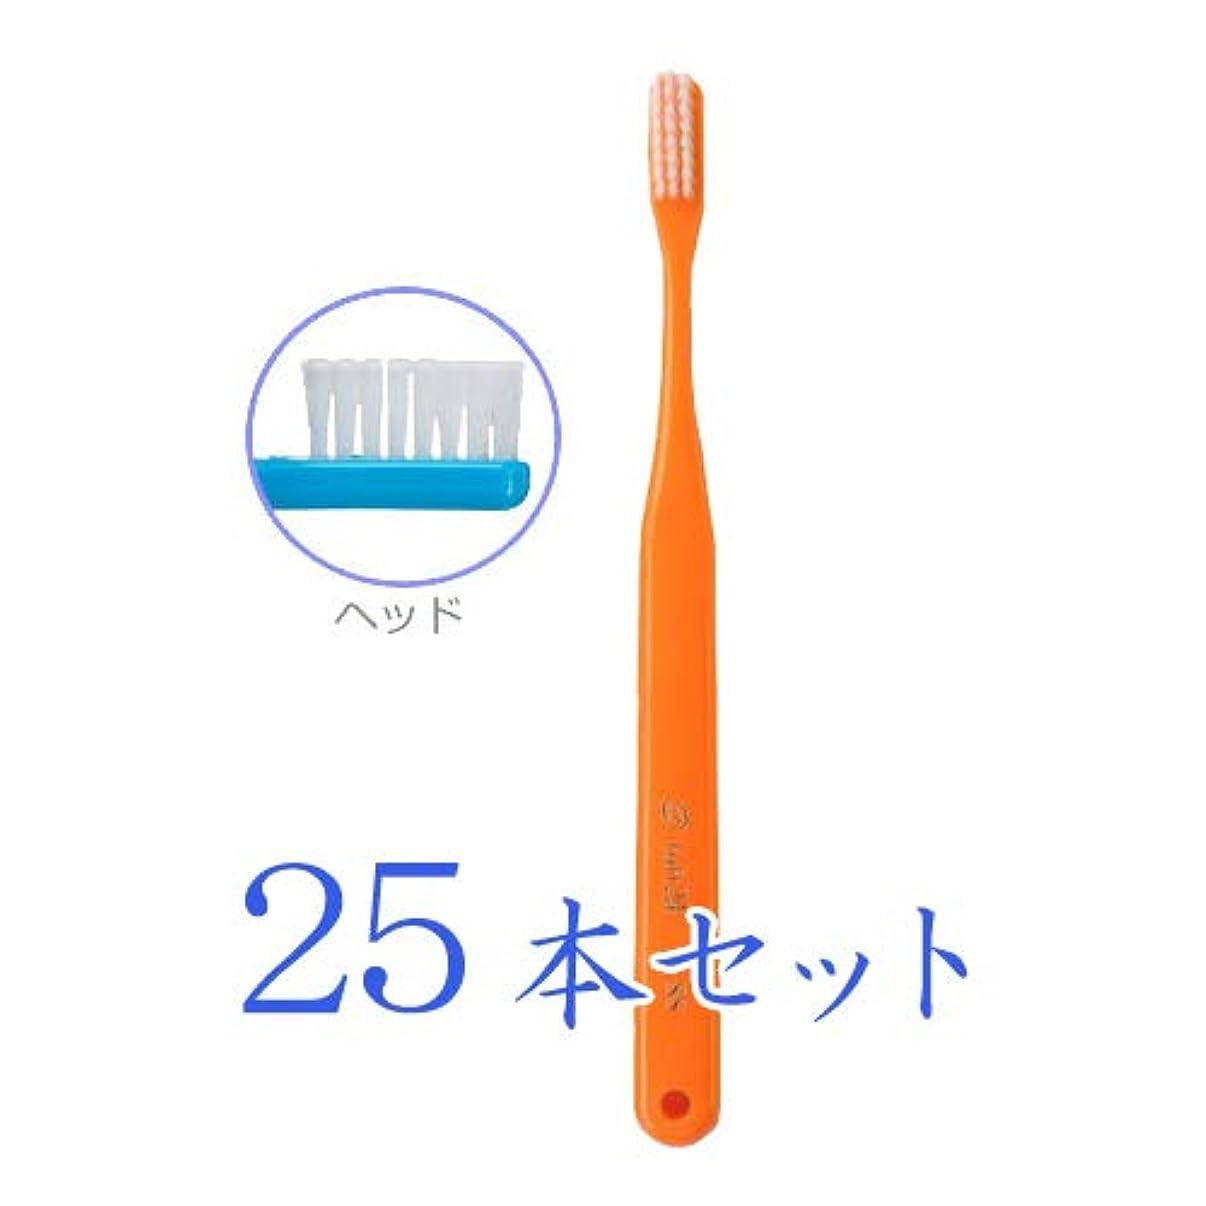 賠償豊かにする支払いオーラルケア タフト 24 歯ブラシ SS キャップなし 25本入 オレンジ